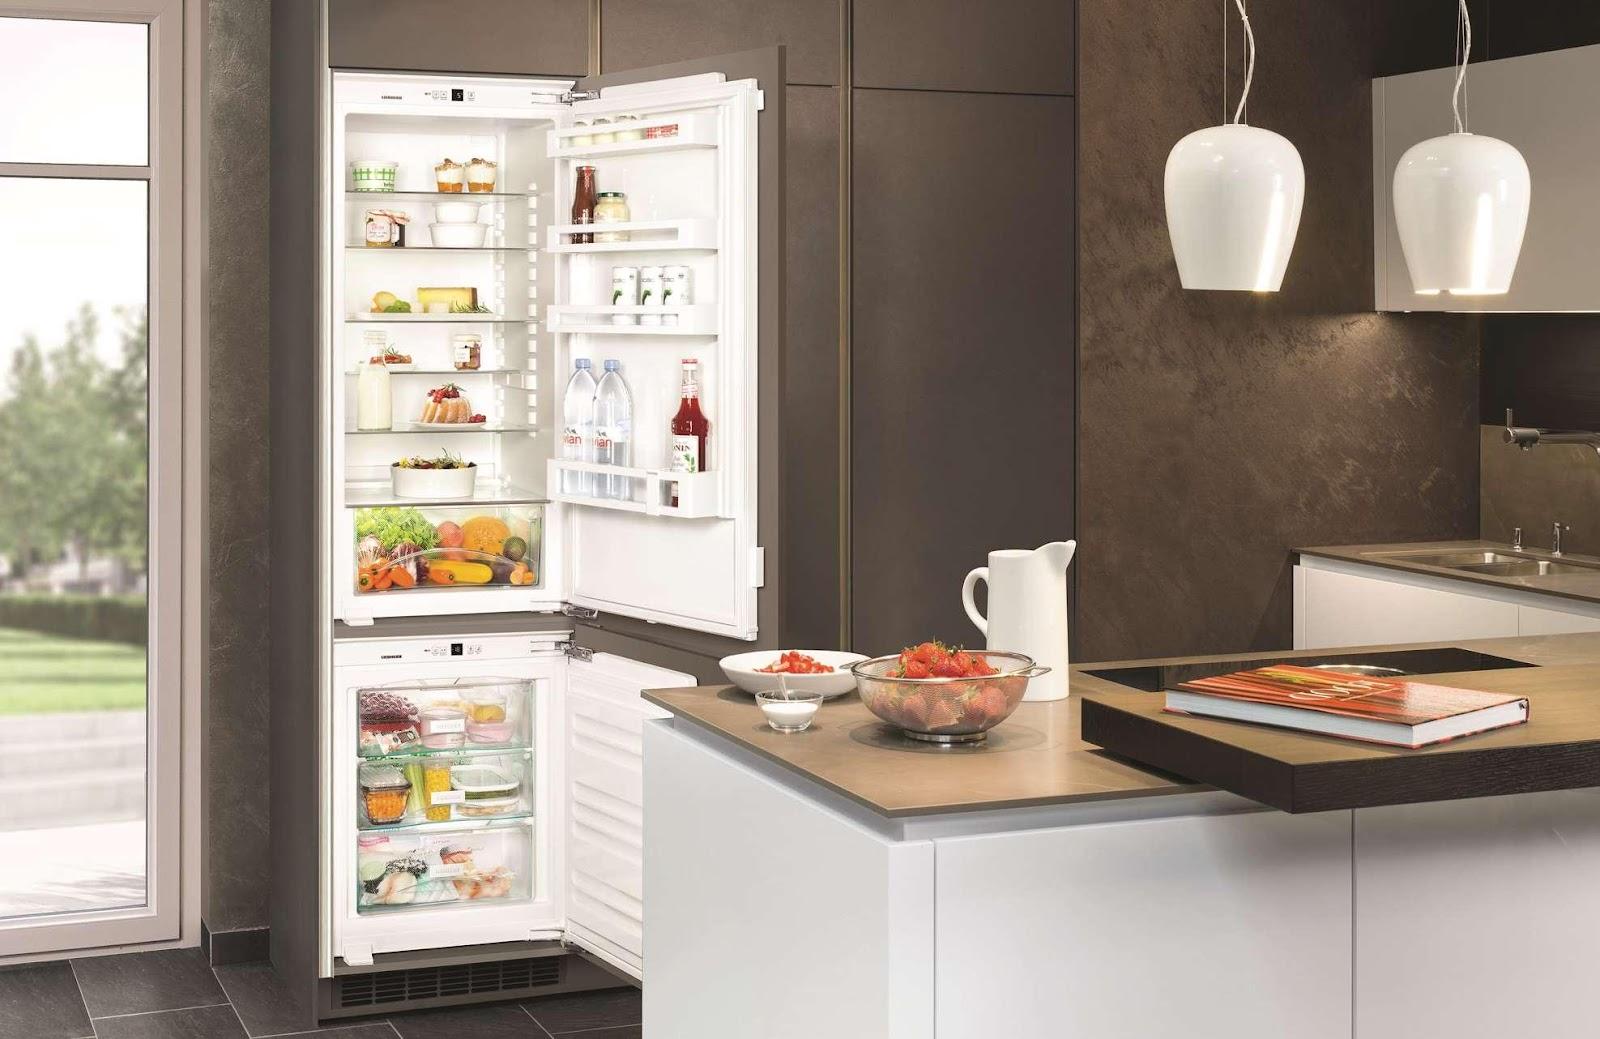 Вбудована комбінація Liebherr: холодильна камера: IK 2320, морозильна камера: IG 1024.